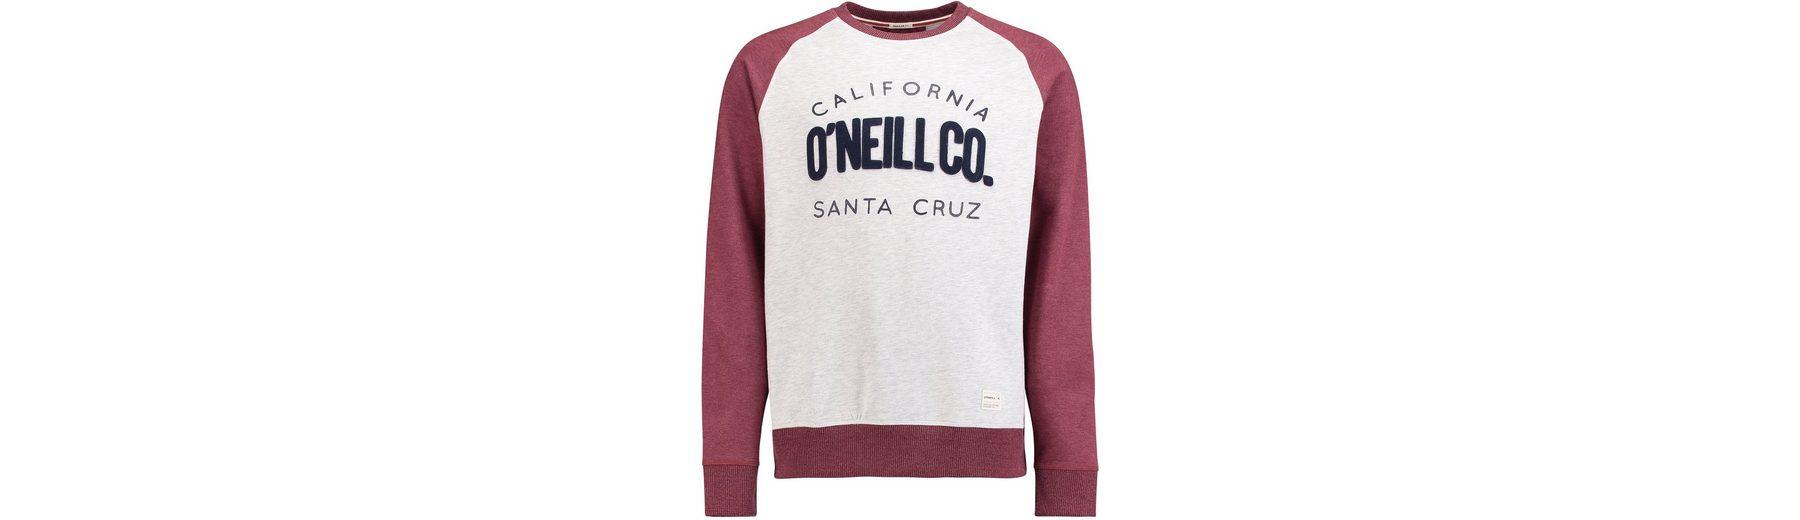 O'Neill Sweat PCH Santa Crew Freies Verschiffen Fabrikverkauf Rabatt-Codes Online-Shopping Verkauf Neuesten Kollektionen Rabatt Für Billig K4QtmwsFmH